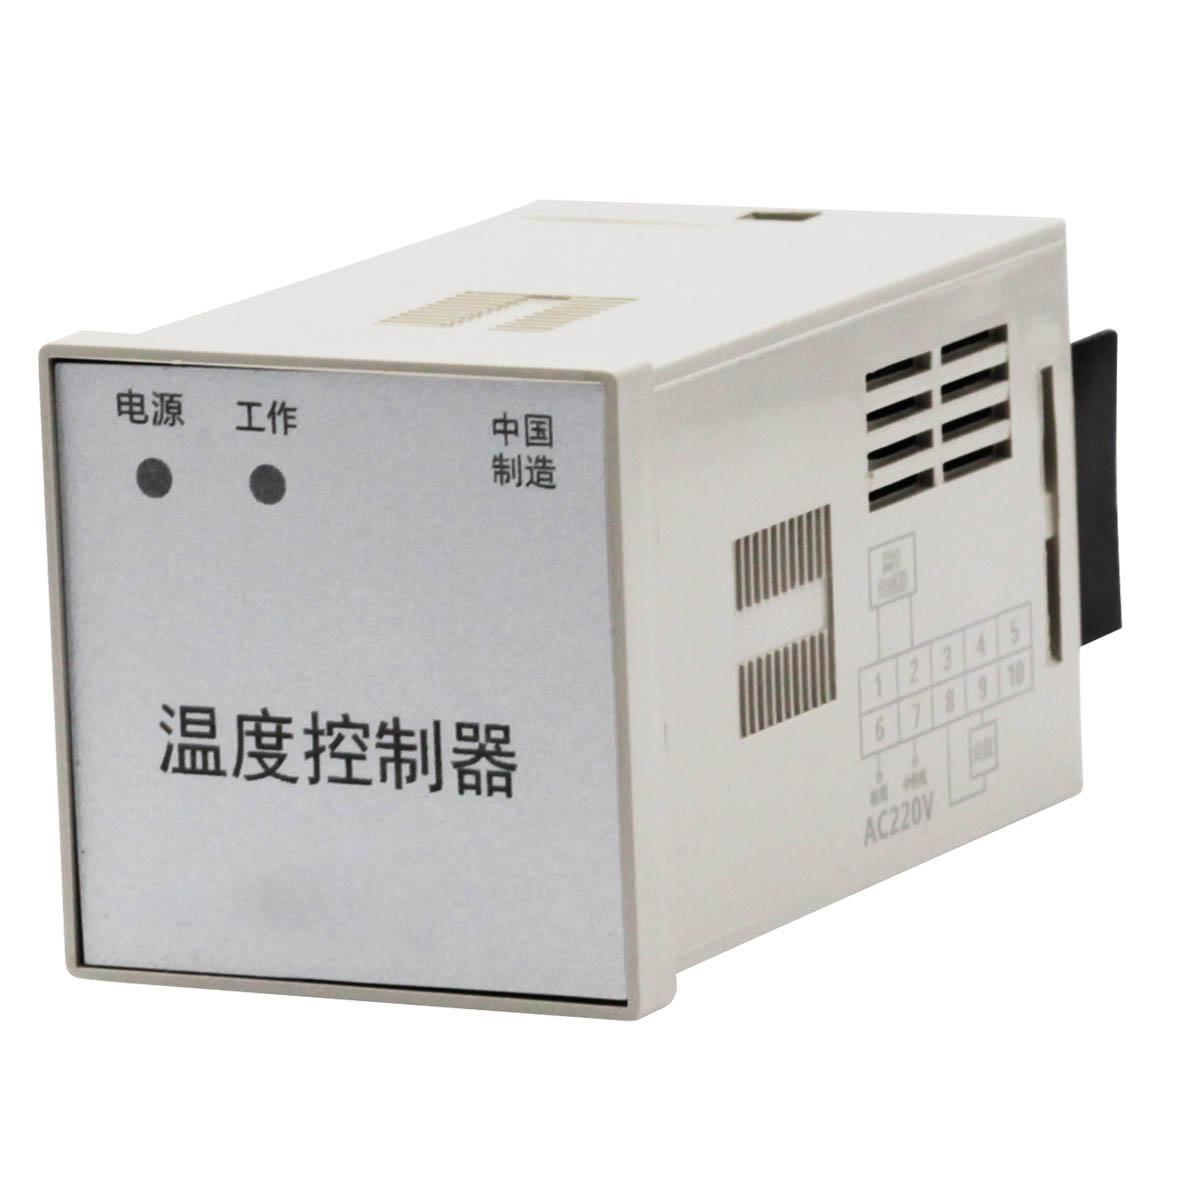 远安HBKA/S 0.25-15-3Yn低压自愈式电力电容器报价